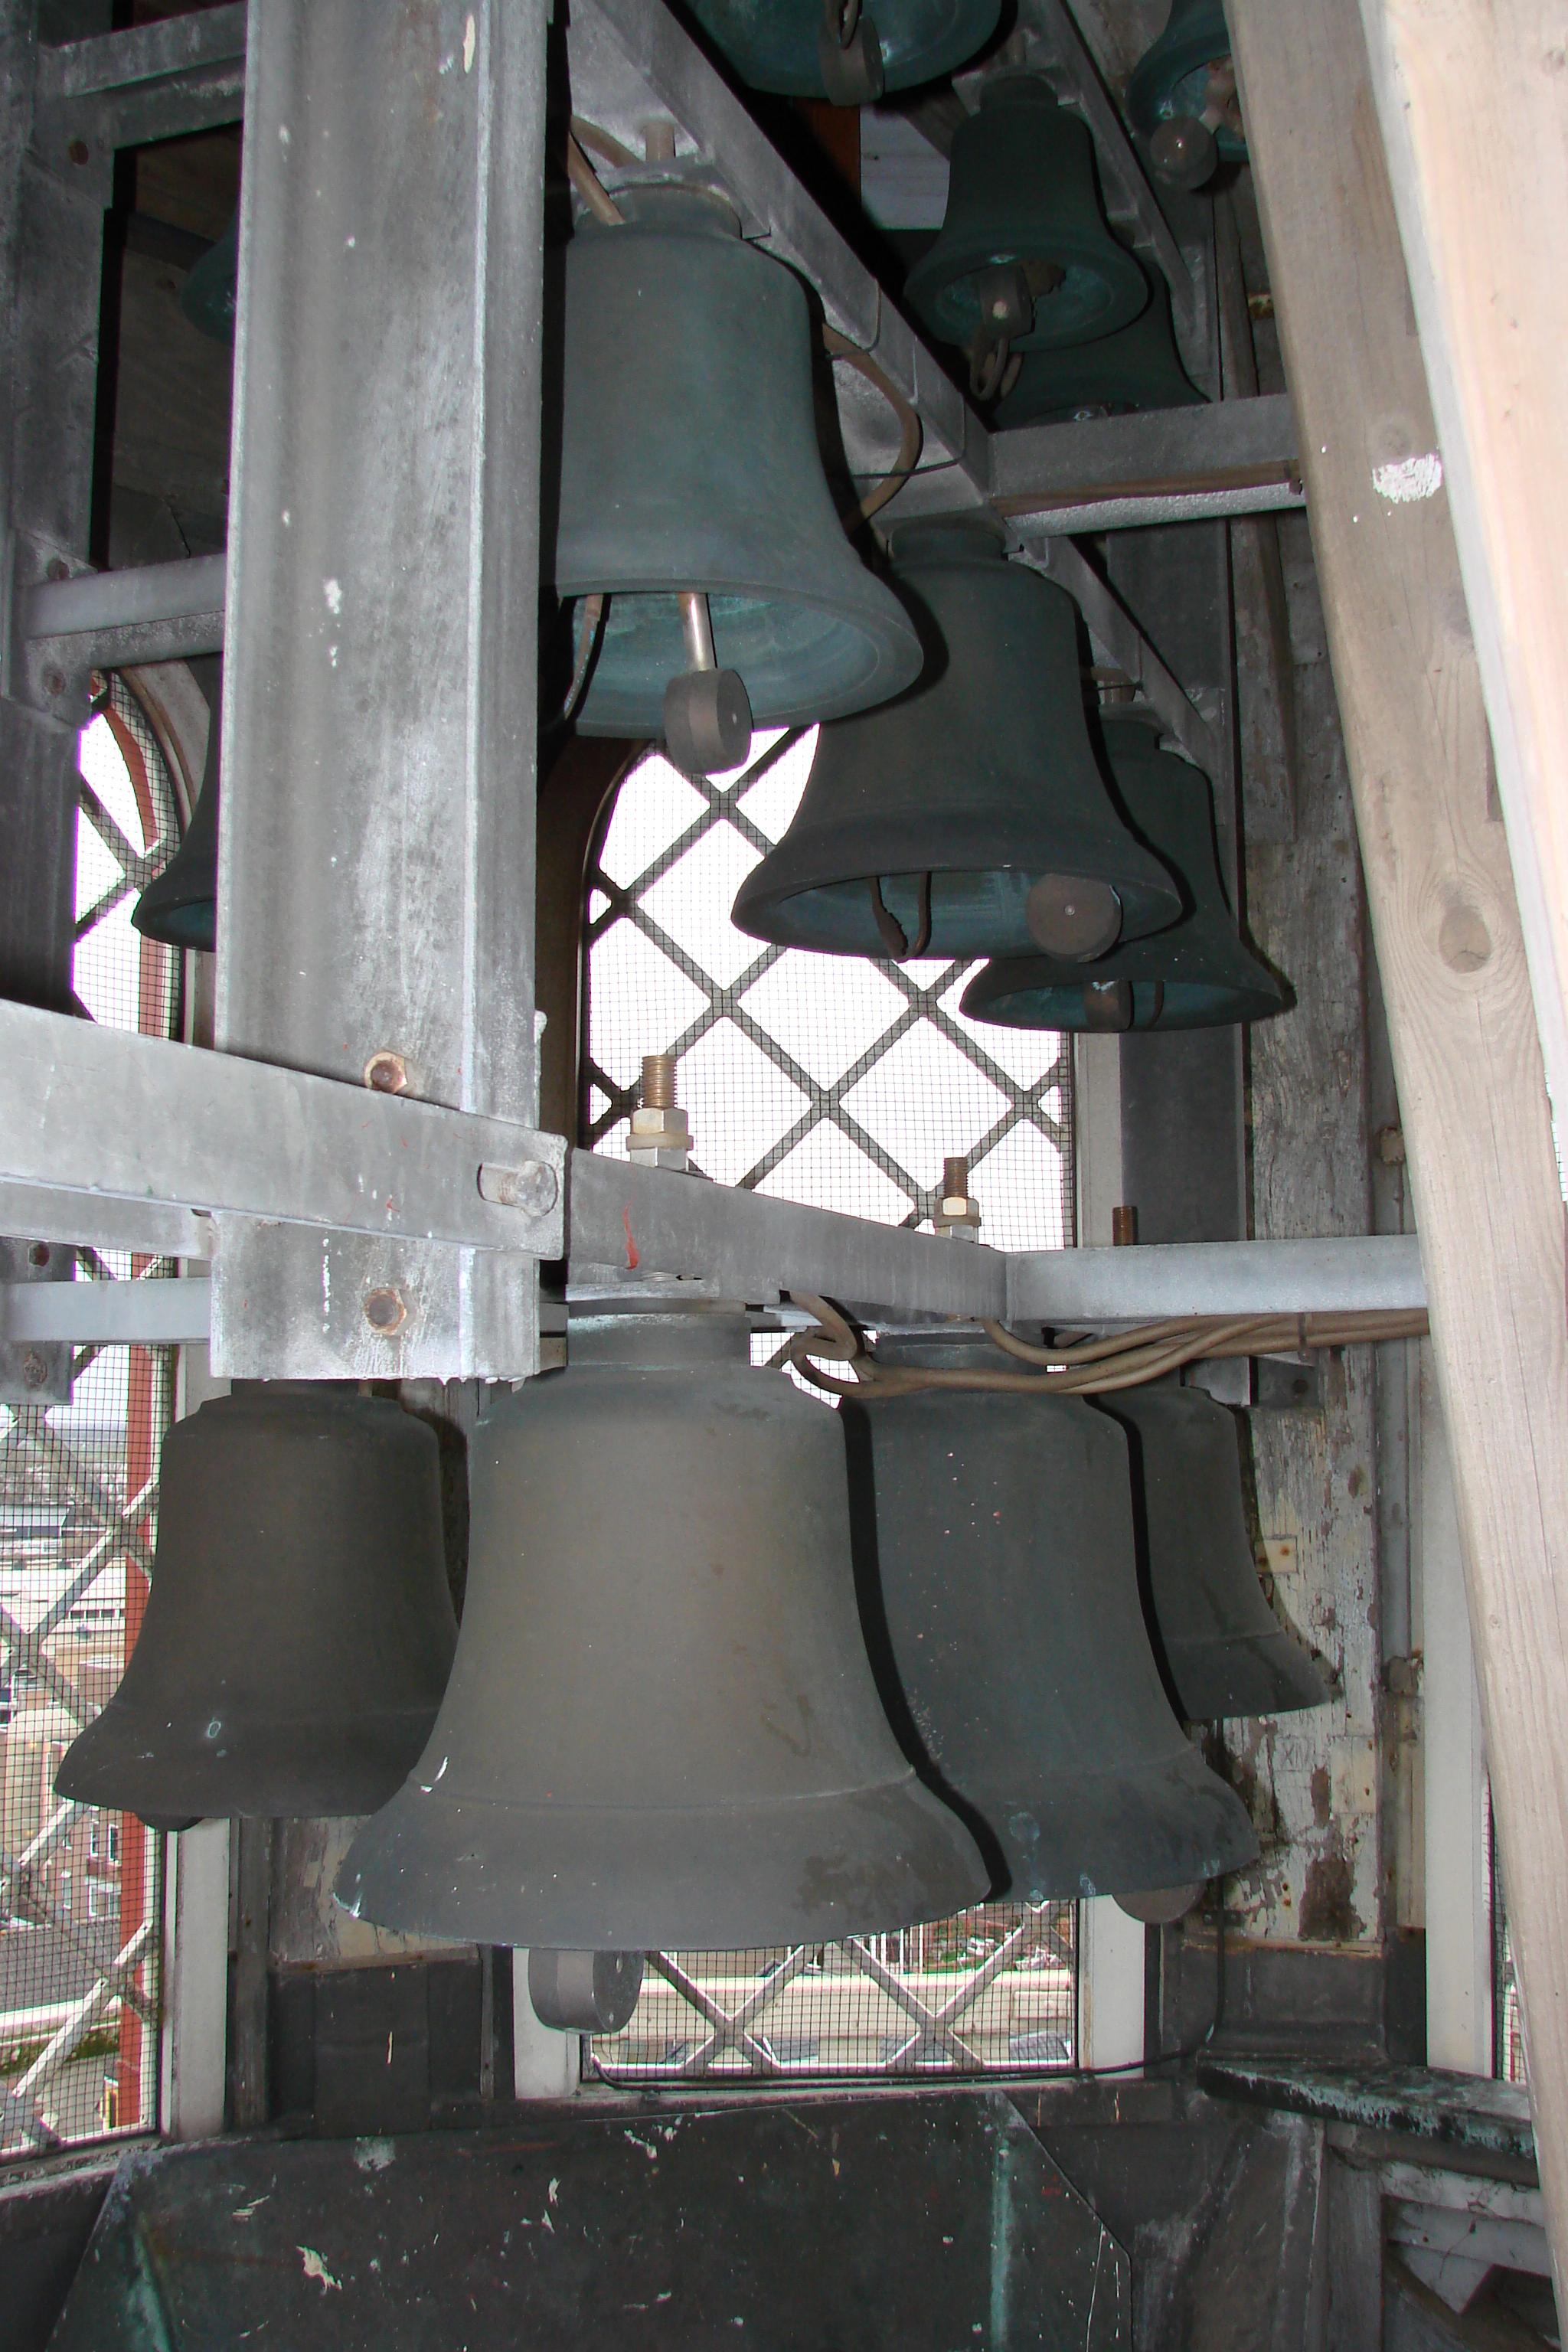 Carillon Coevorden in de toren van de N.H.kerk